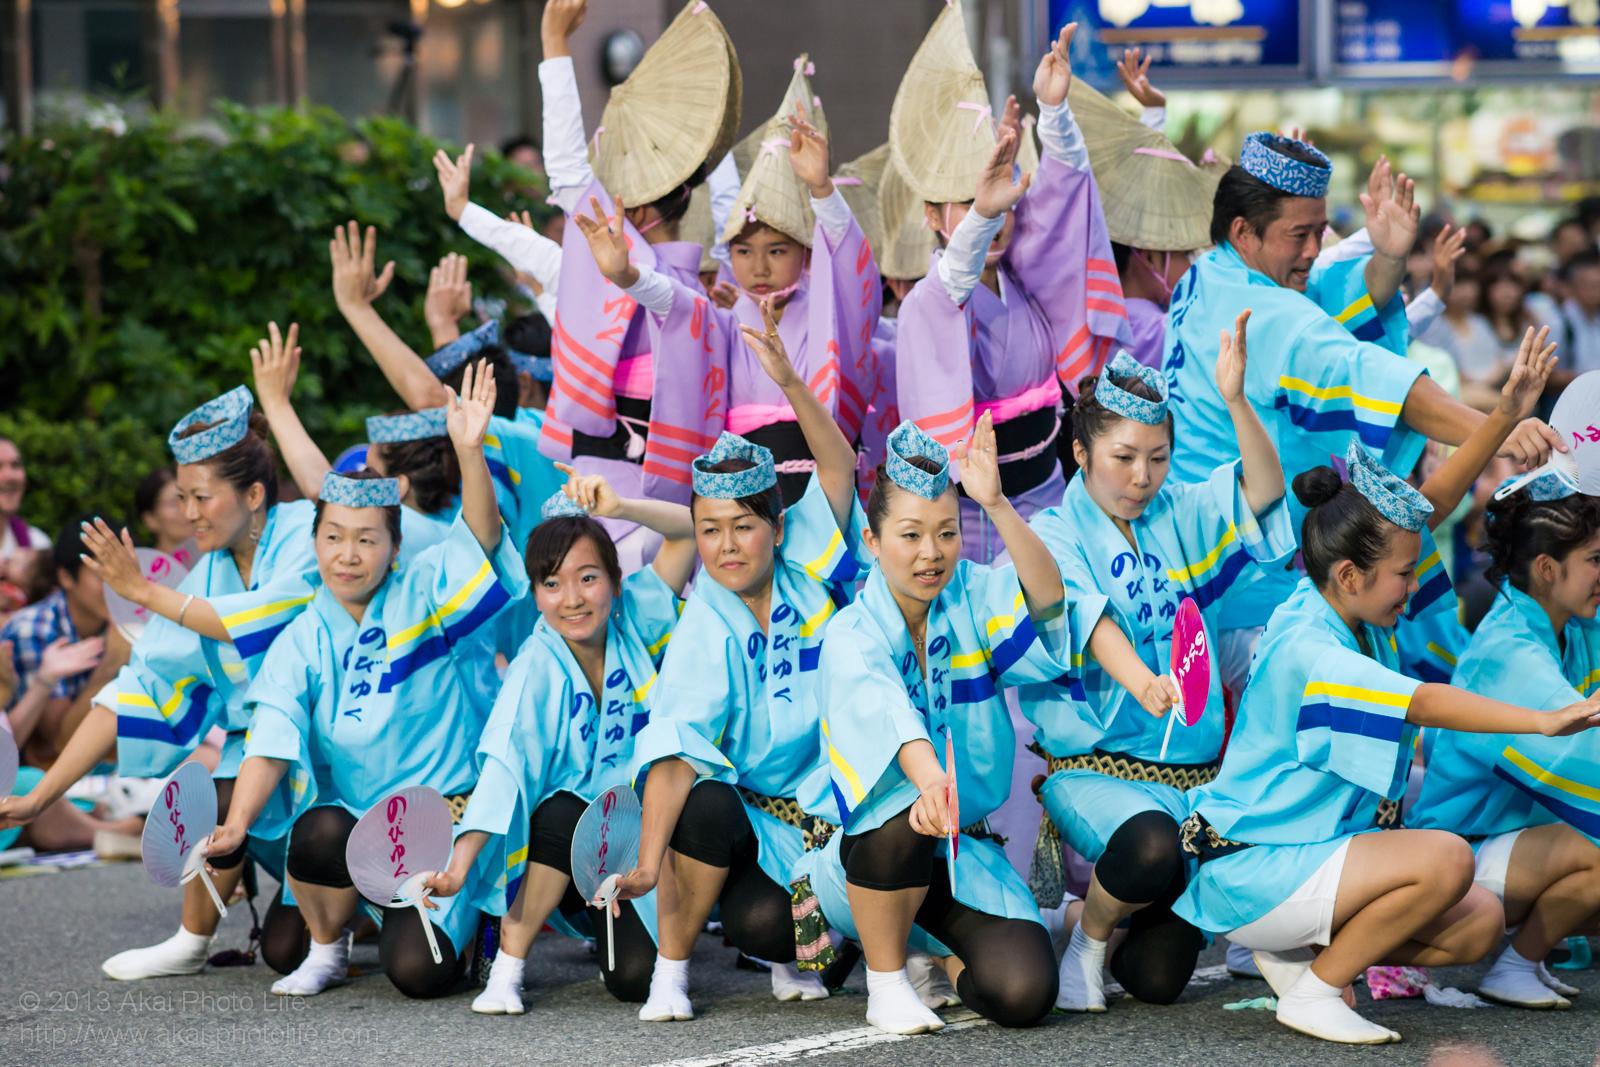 高円寺阿波踊り のびゆく連の写真